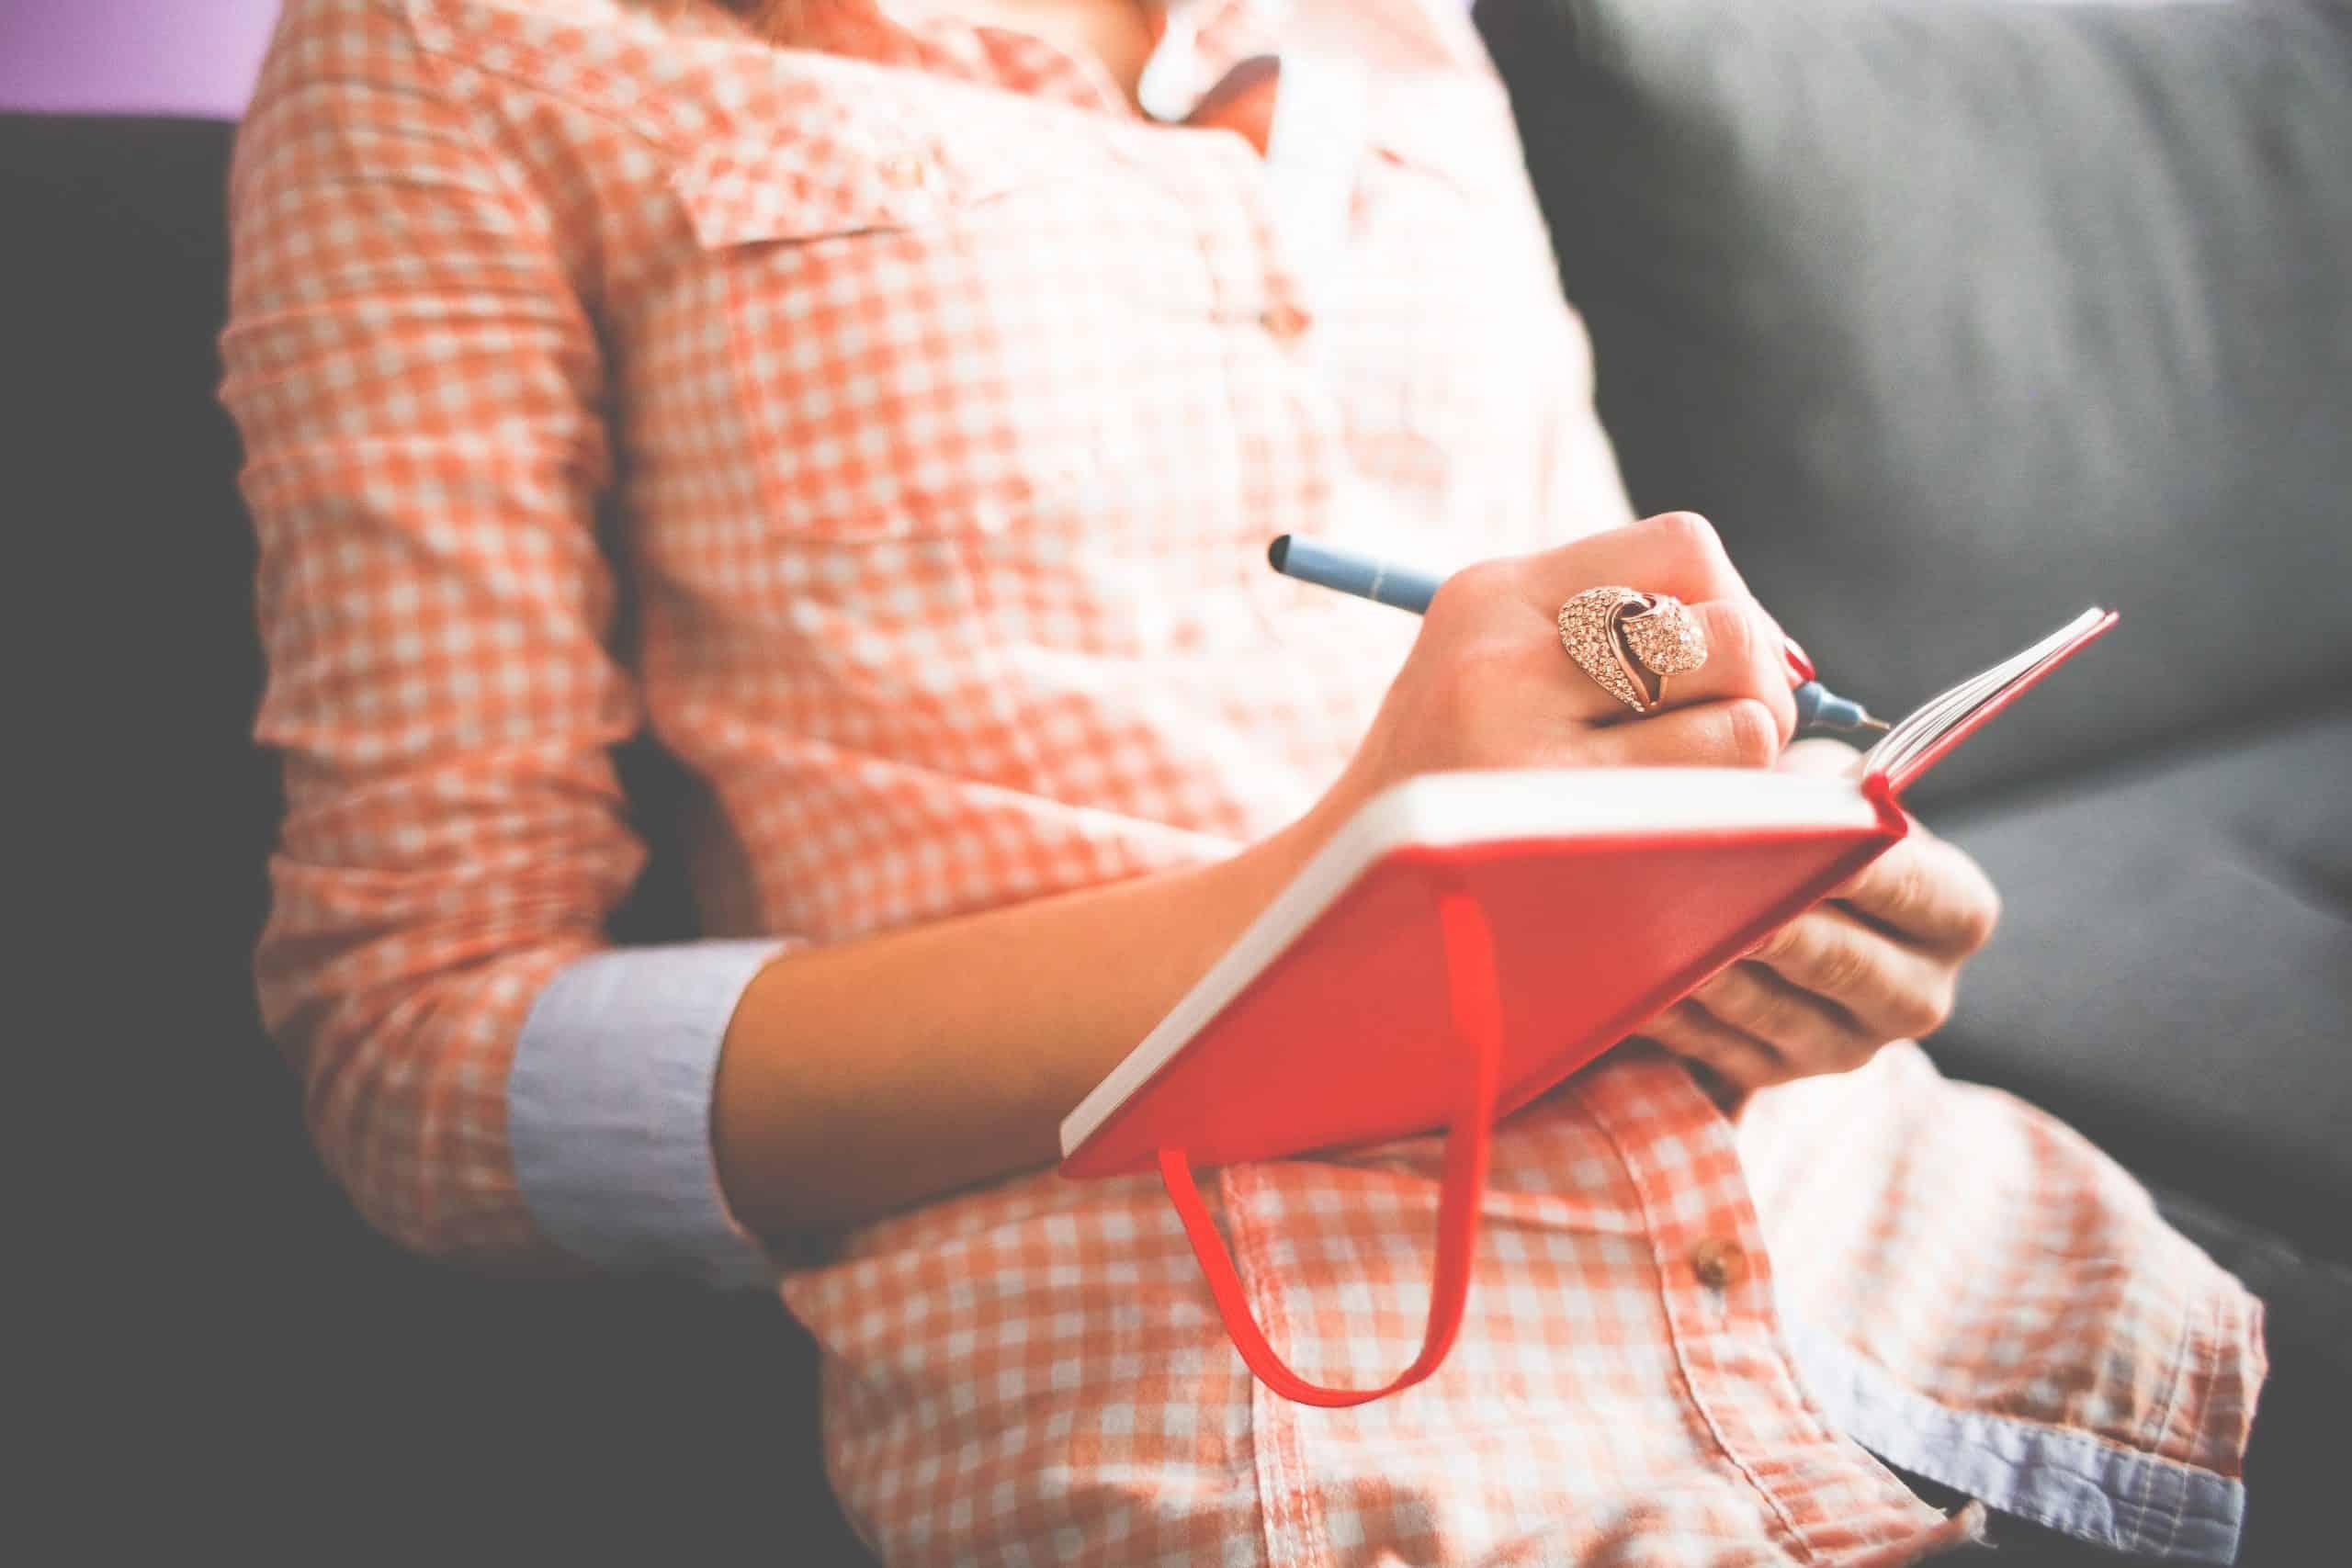 dagbok flicka journal i handen